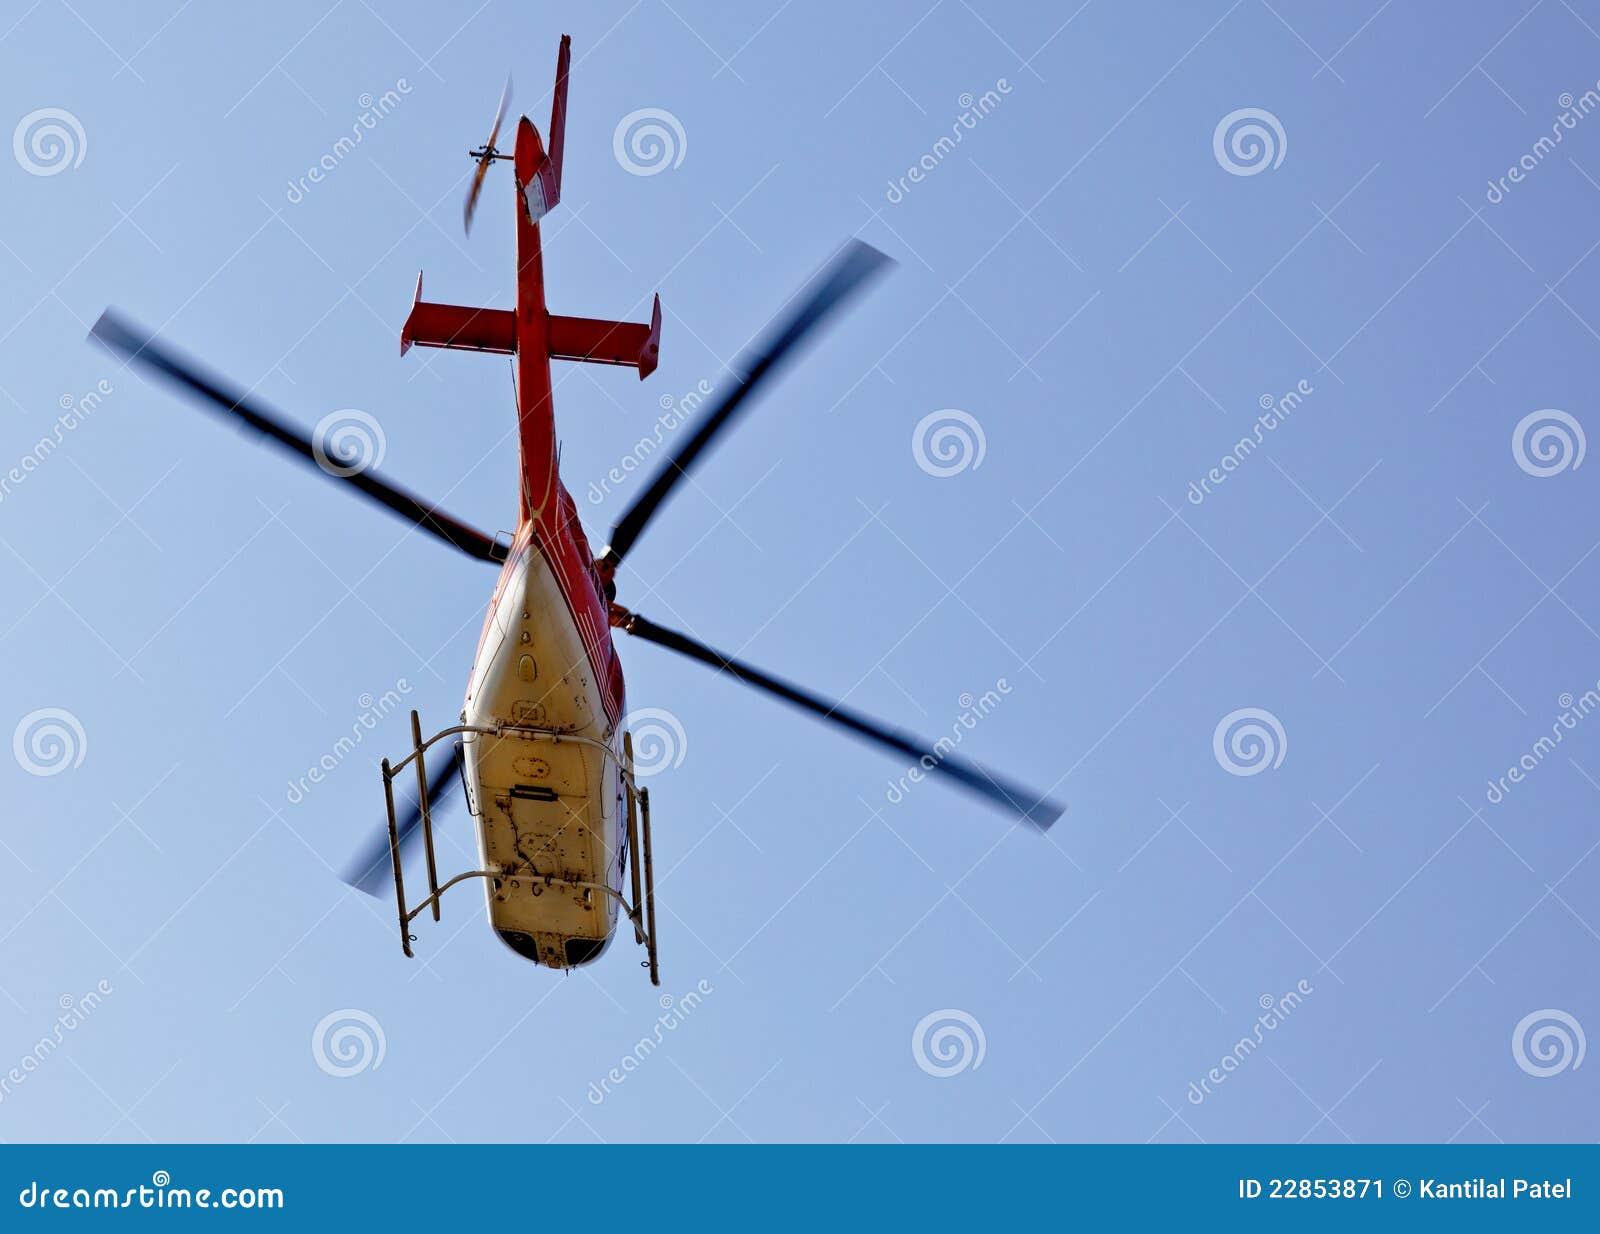 вертолета рубрики тяпки запад восточного северный южный